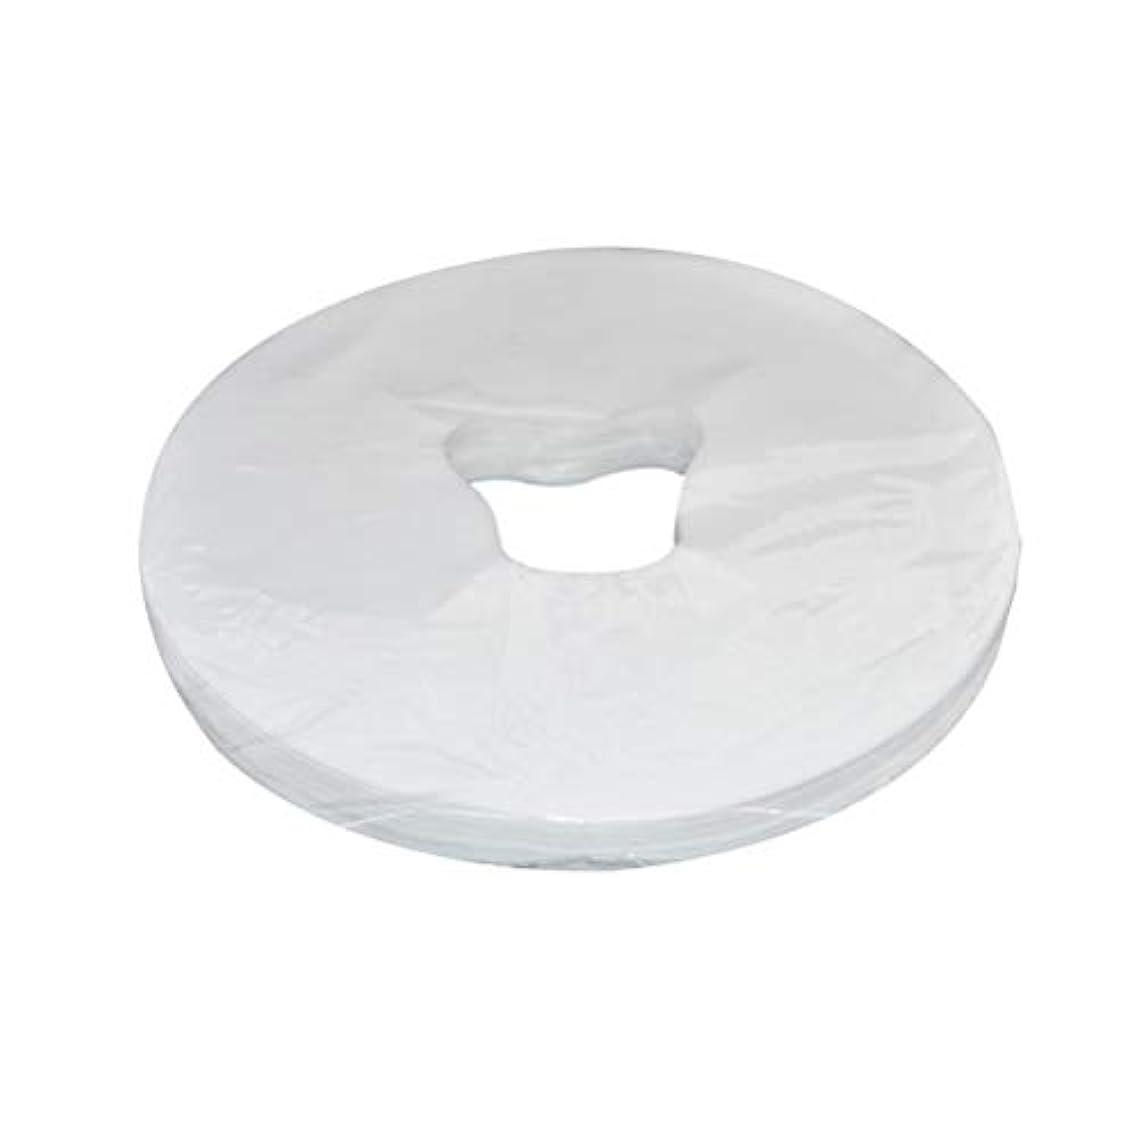 帽子中に調停するHealifty 100シート無織布巾 使い捨て マッサージフェイスピローカバー フェイスカバー ヘッドレストピローシート(ホワイト)